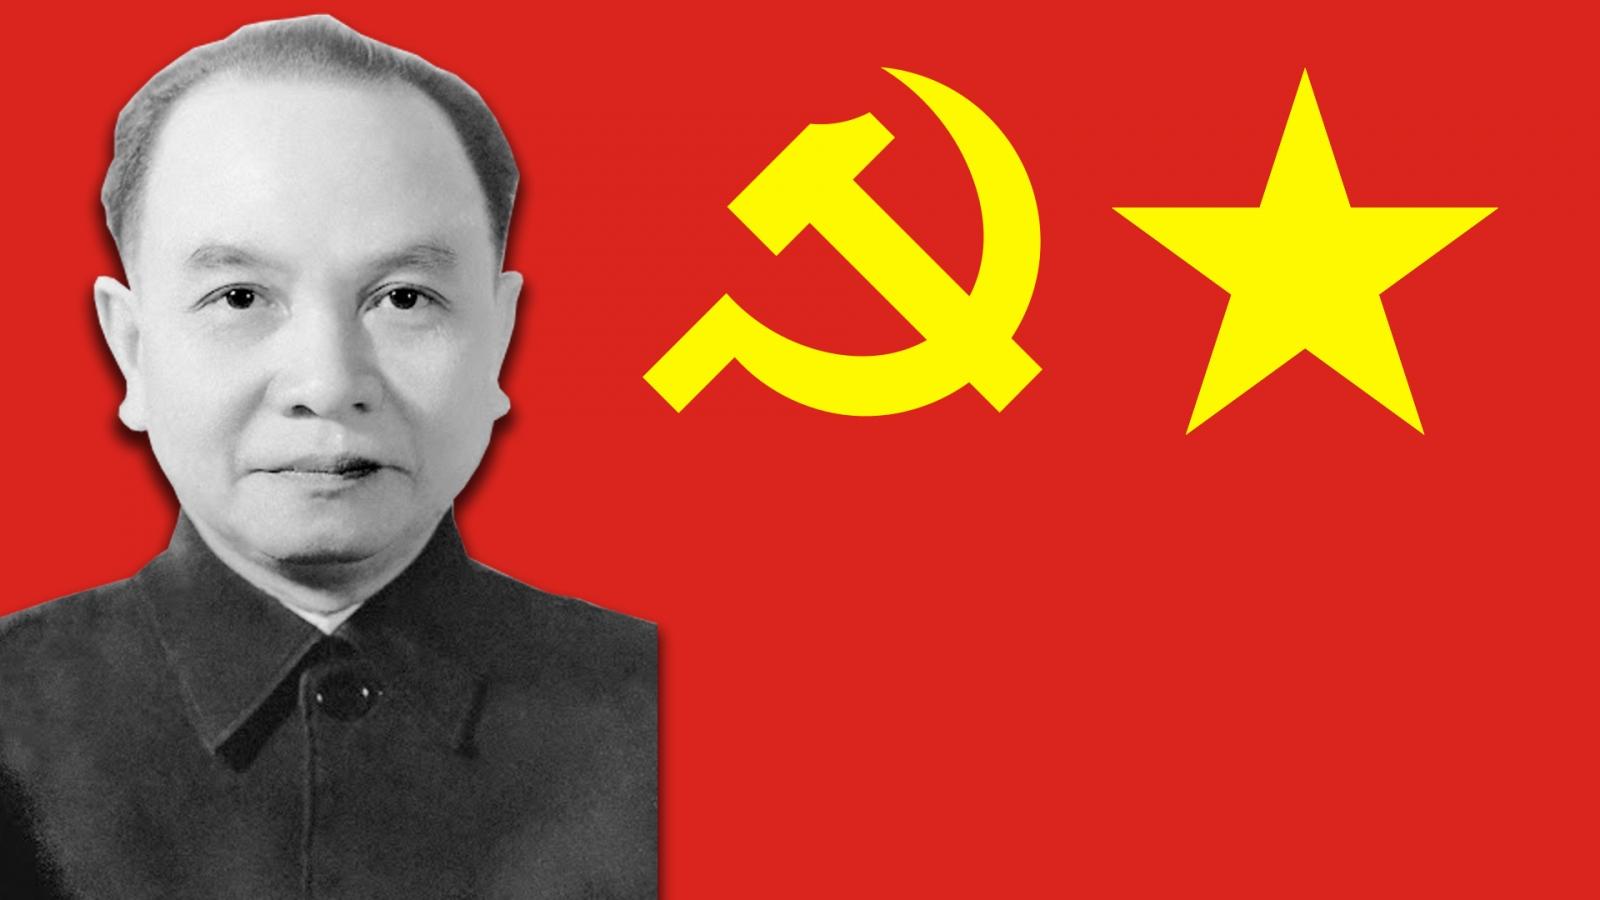 Tổng Bí thư Trường Chinh - Người chiến sĩ Cộng sản mẫu mực